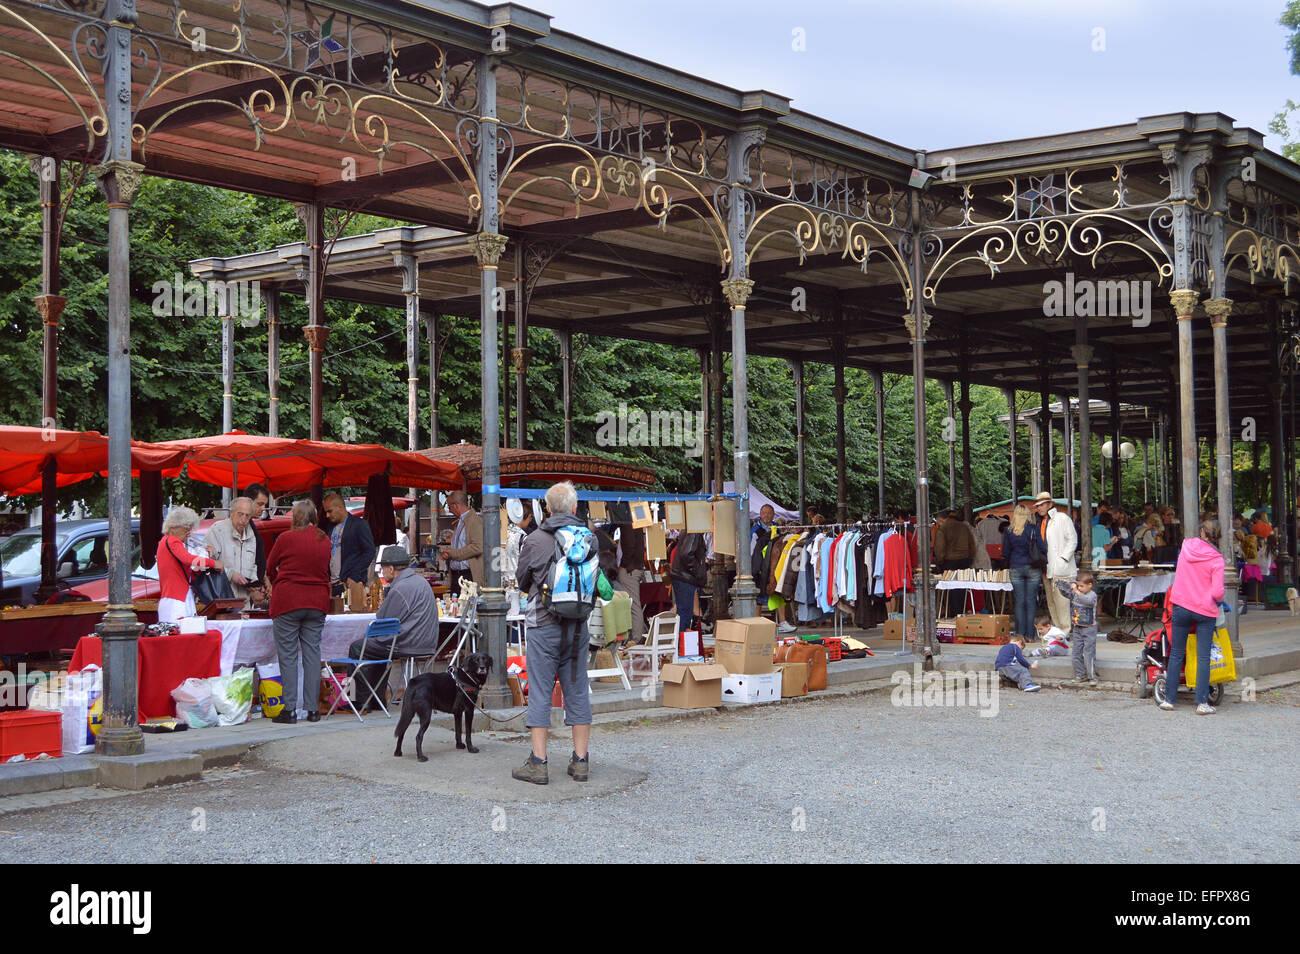 SPA, Belgio - Luglio 2012: Brocante, una ridda di vendita nella Leopoldo II Gallery Immagini Stock